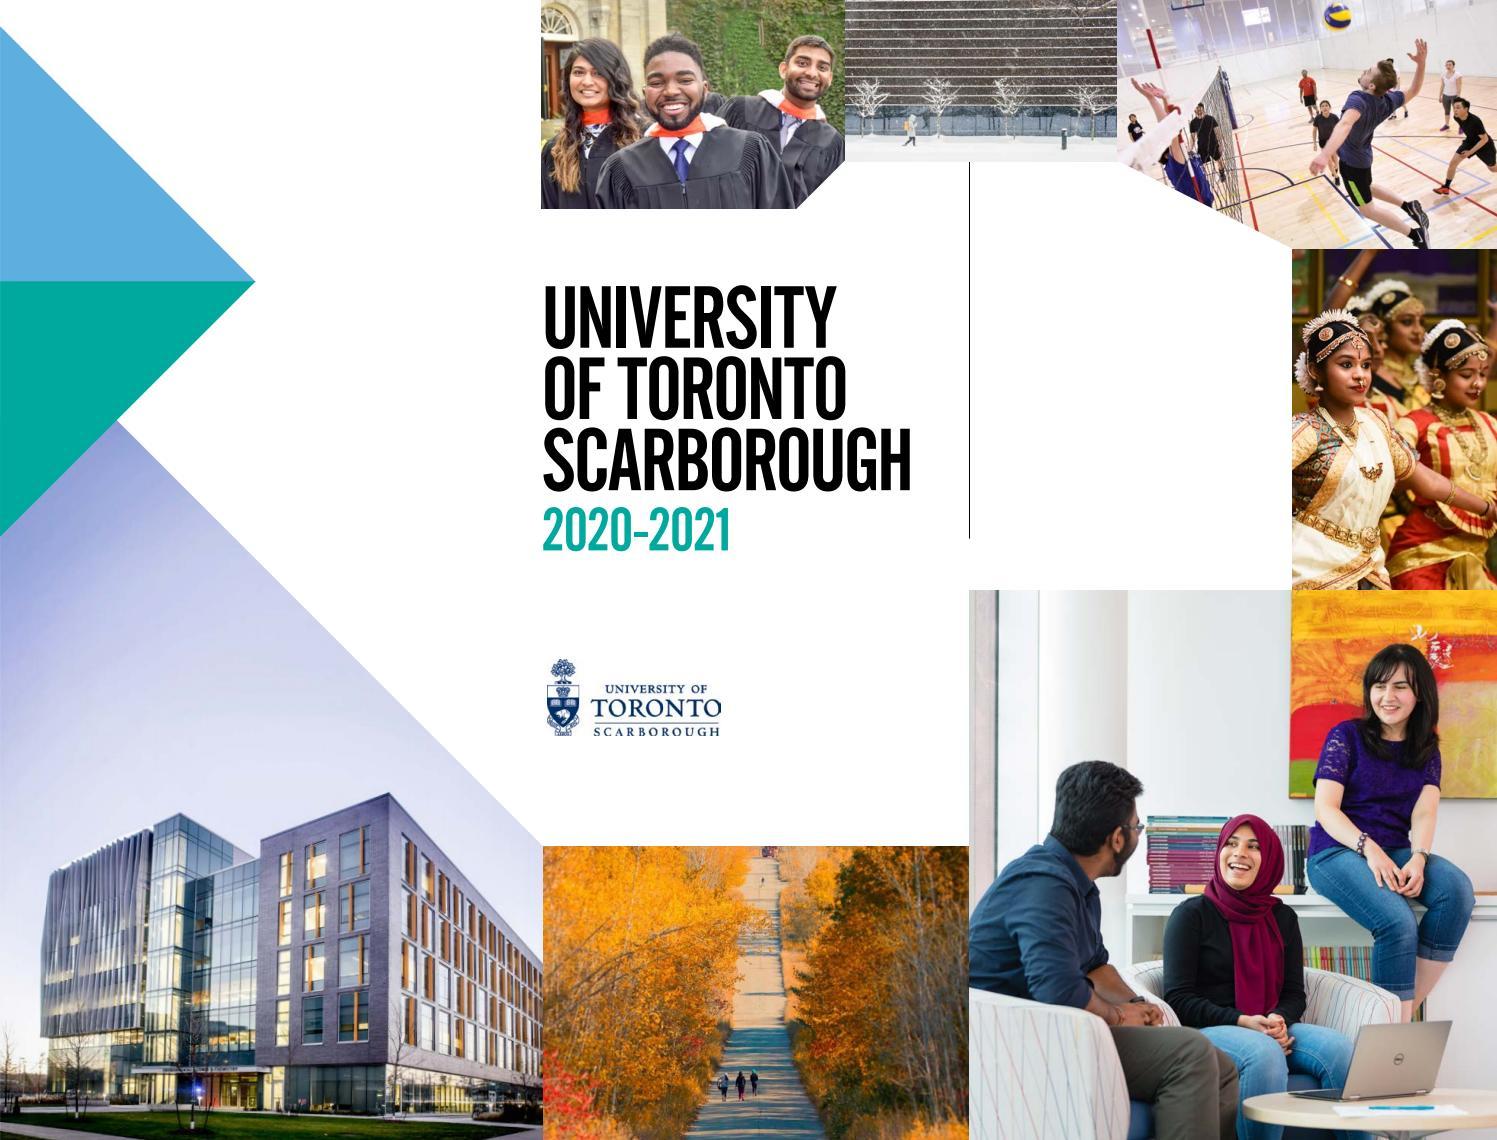 Chương trình học hợp tác với đại học Scarborough năm học 2020-2021